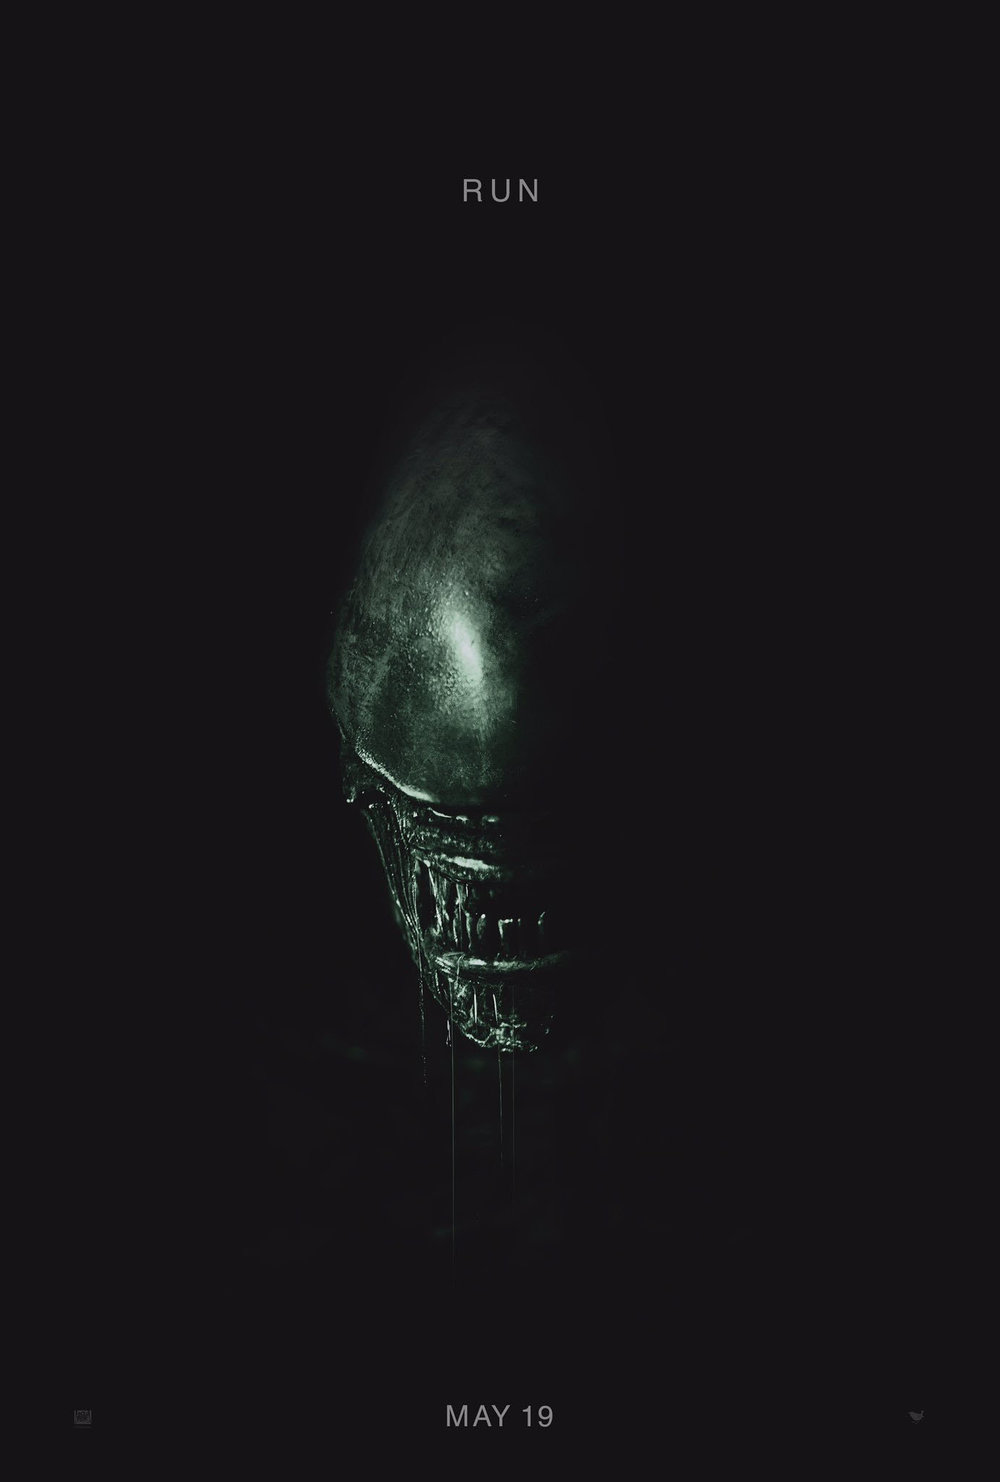 alien-covenant-poster.jpg